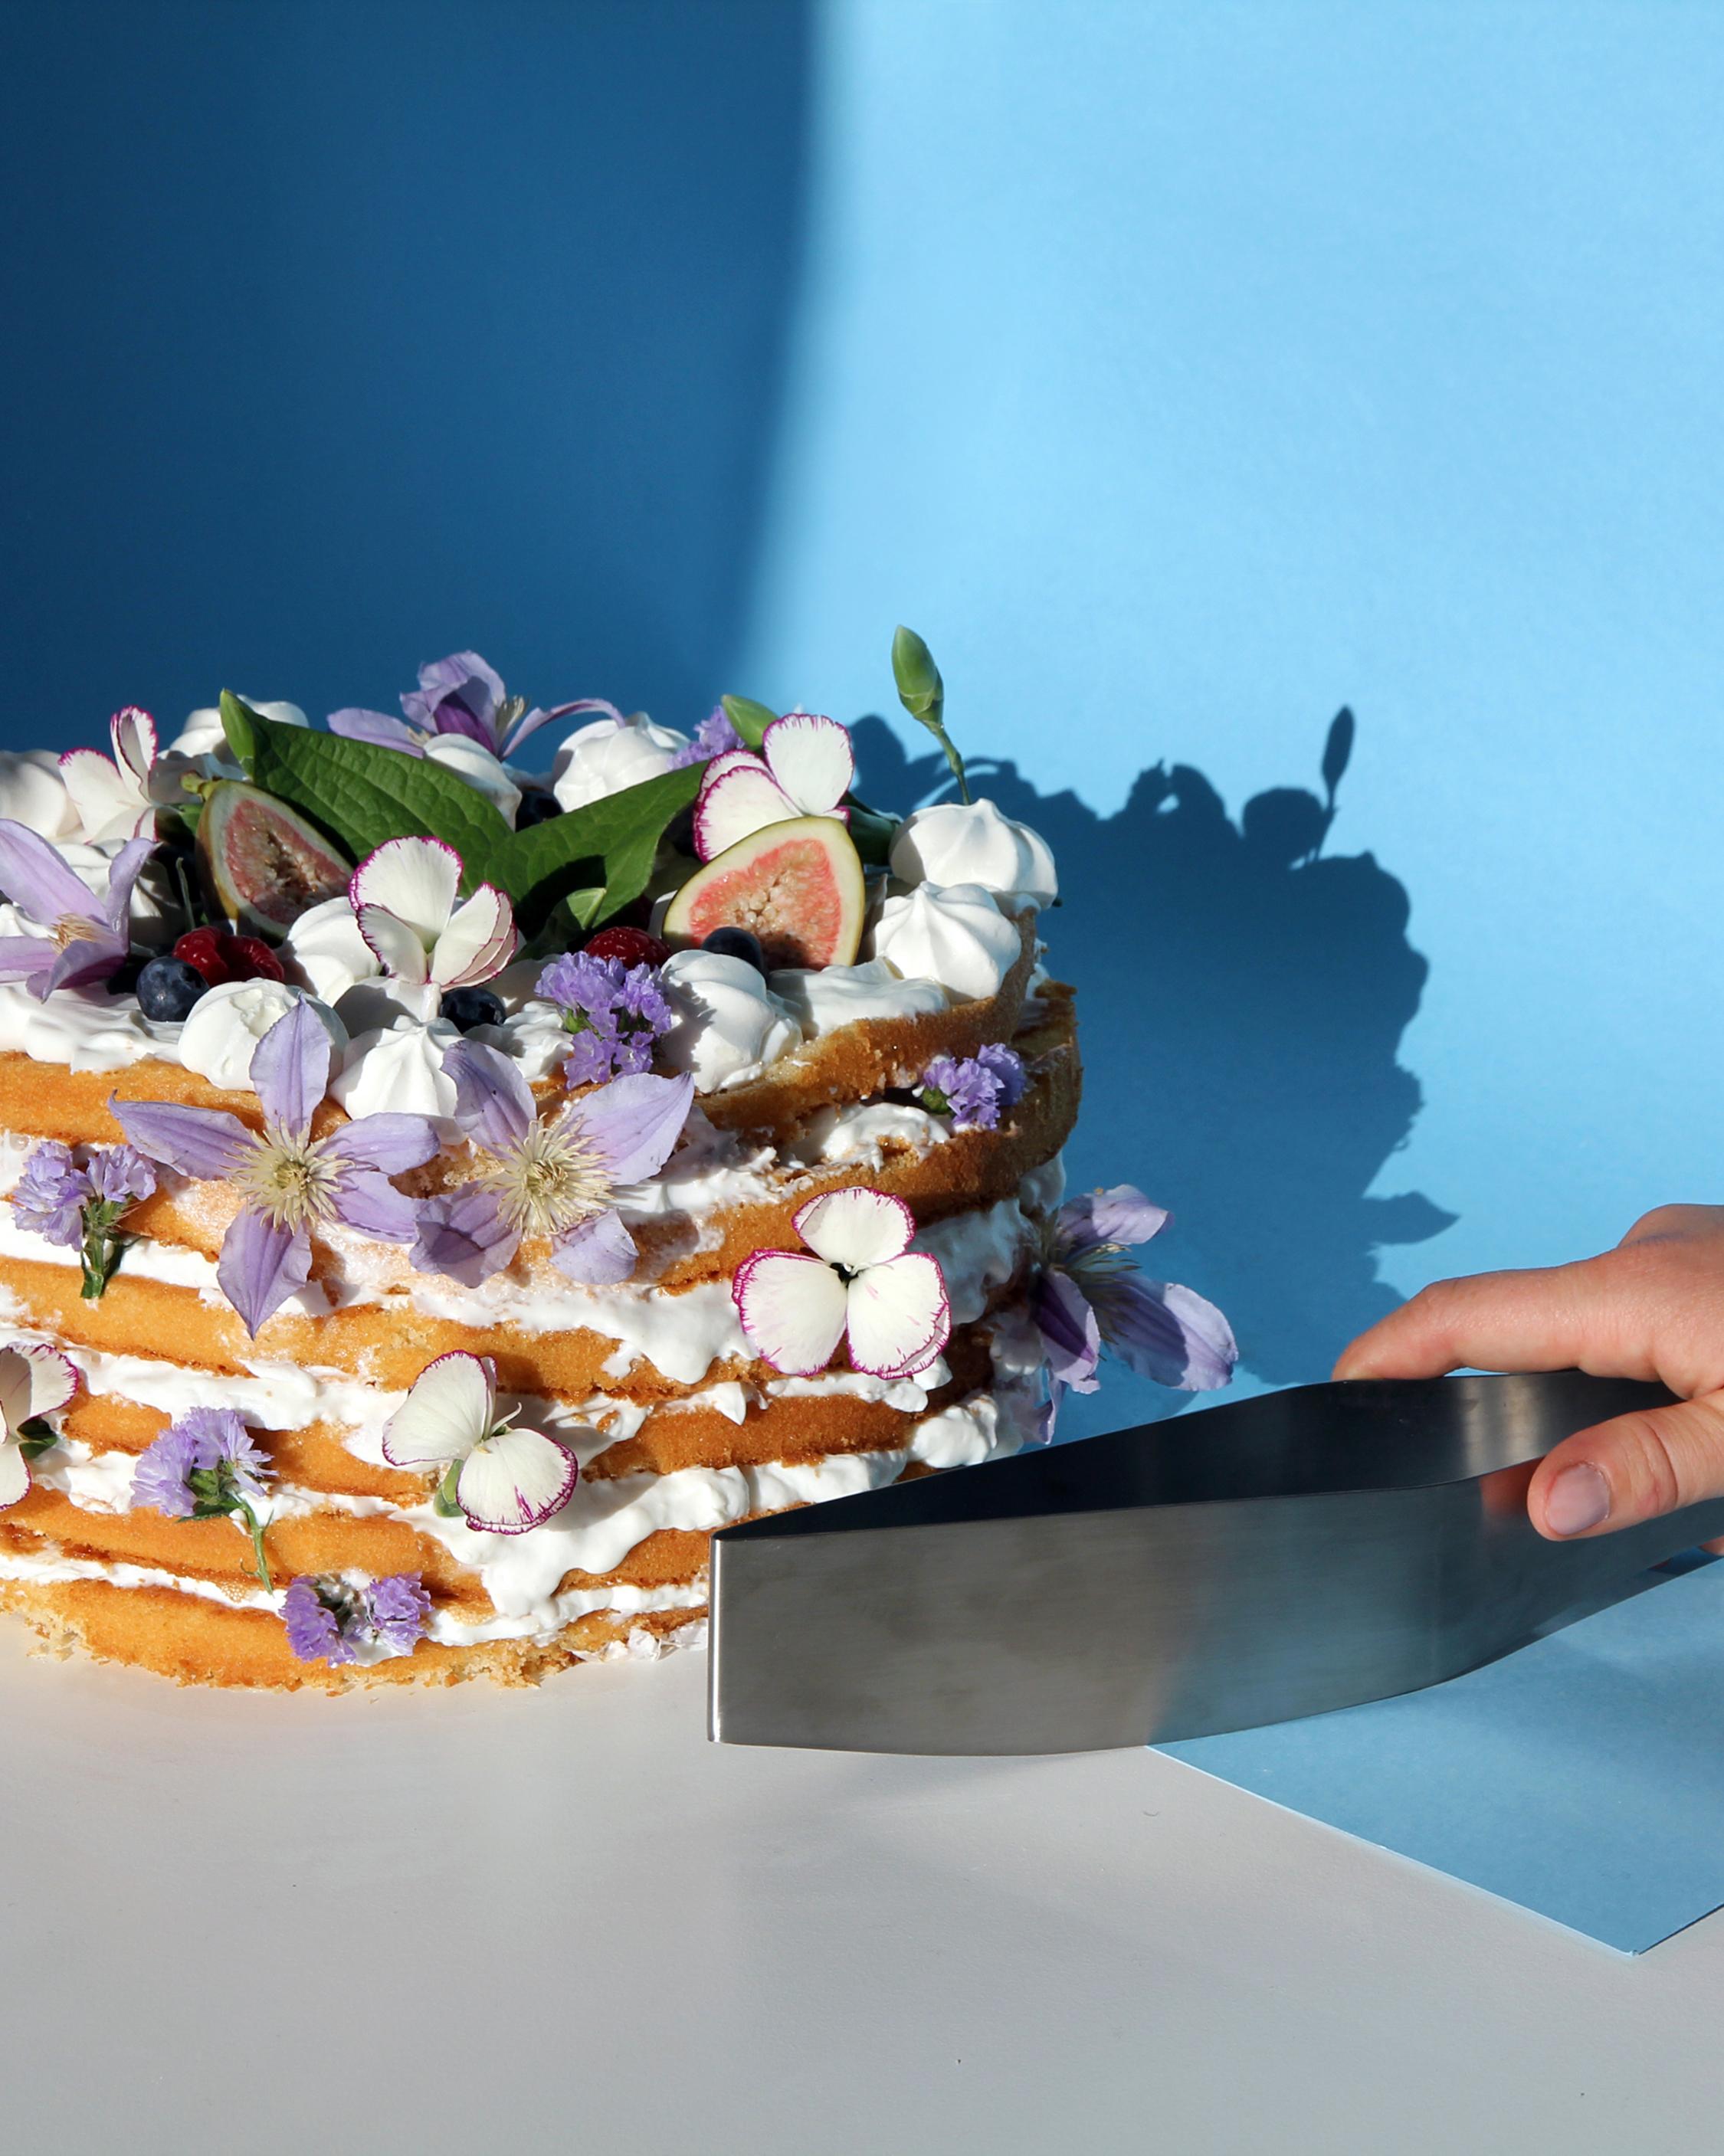 Stainless Steel Diamond Cake Server